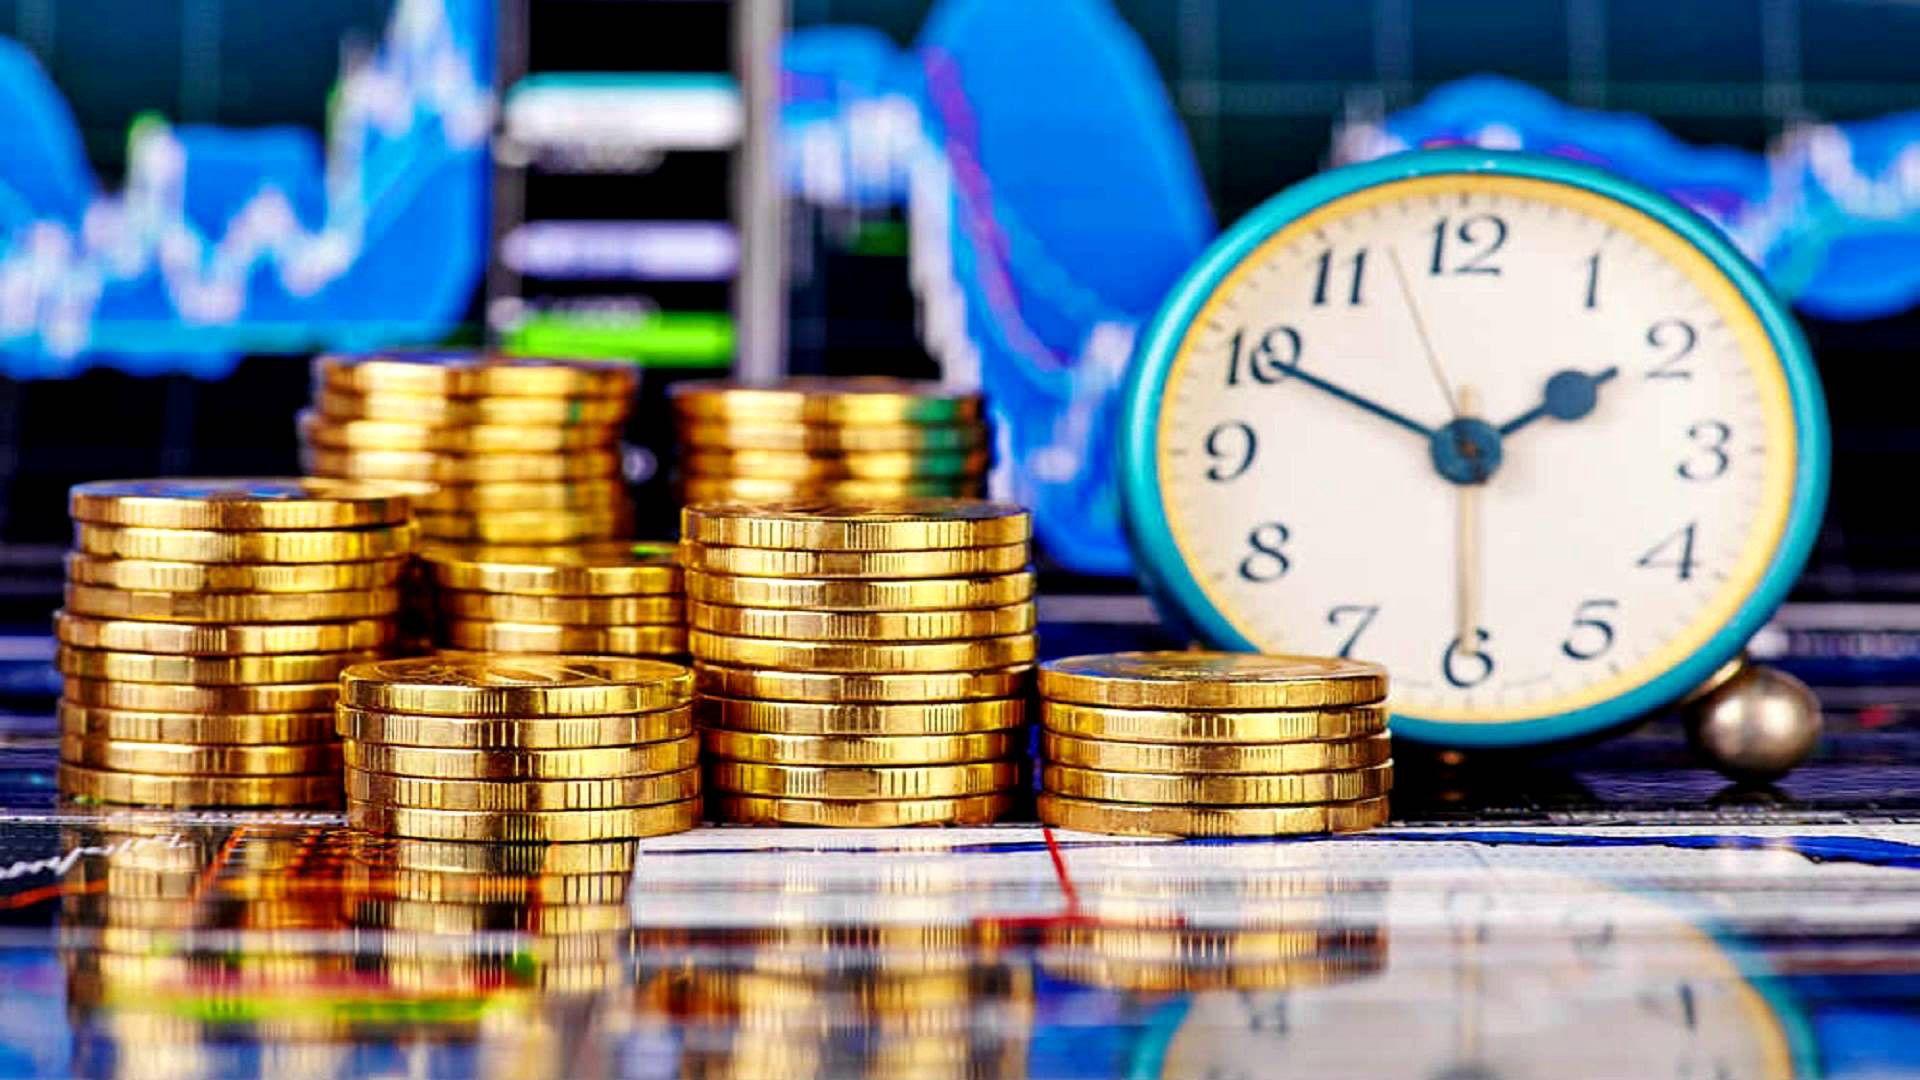 Коронный ход: кто и как развивал фондовый рынок до пандемии и сейчас 338101 - Kapital.kz